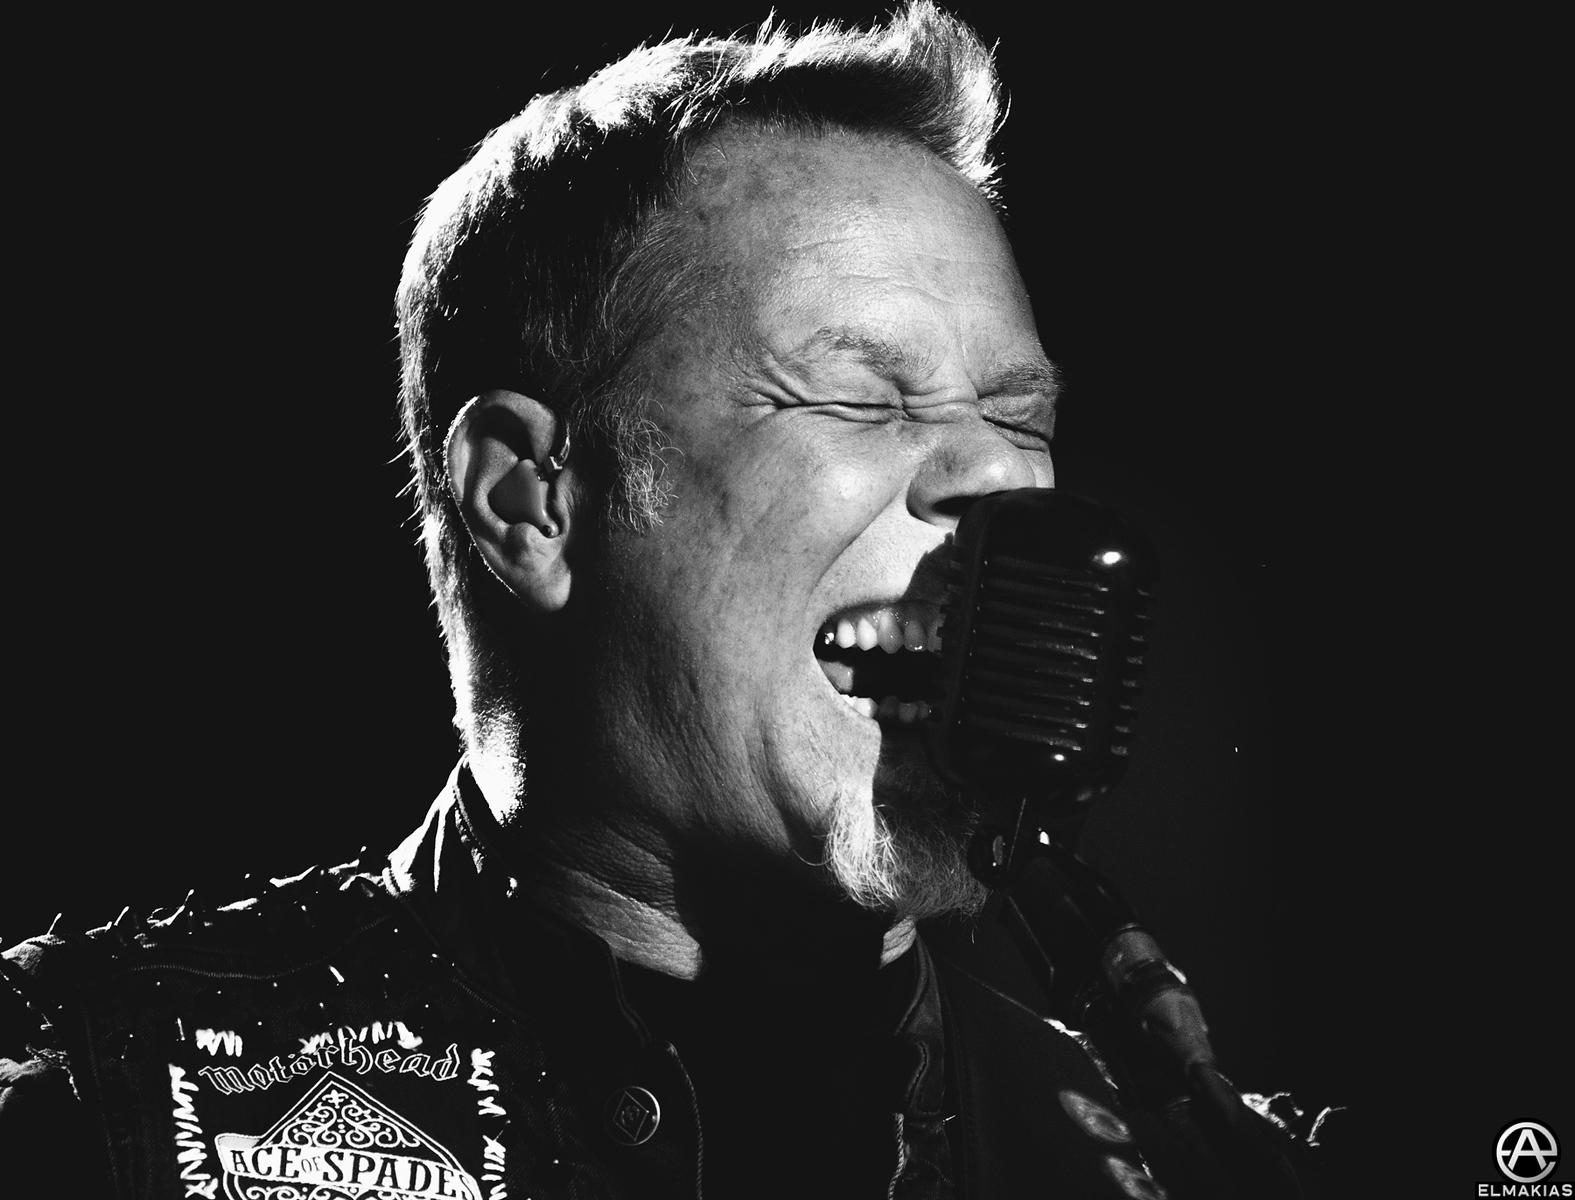 James Hetfield of Metallica at Rock in Vienna 2015